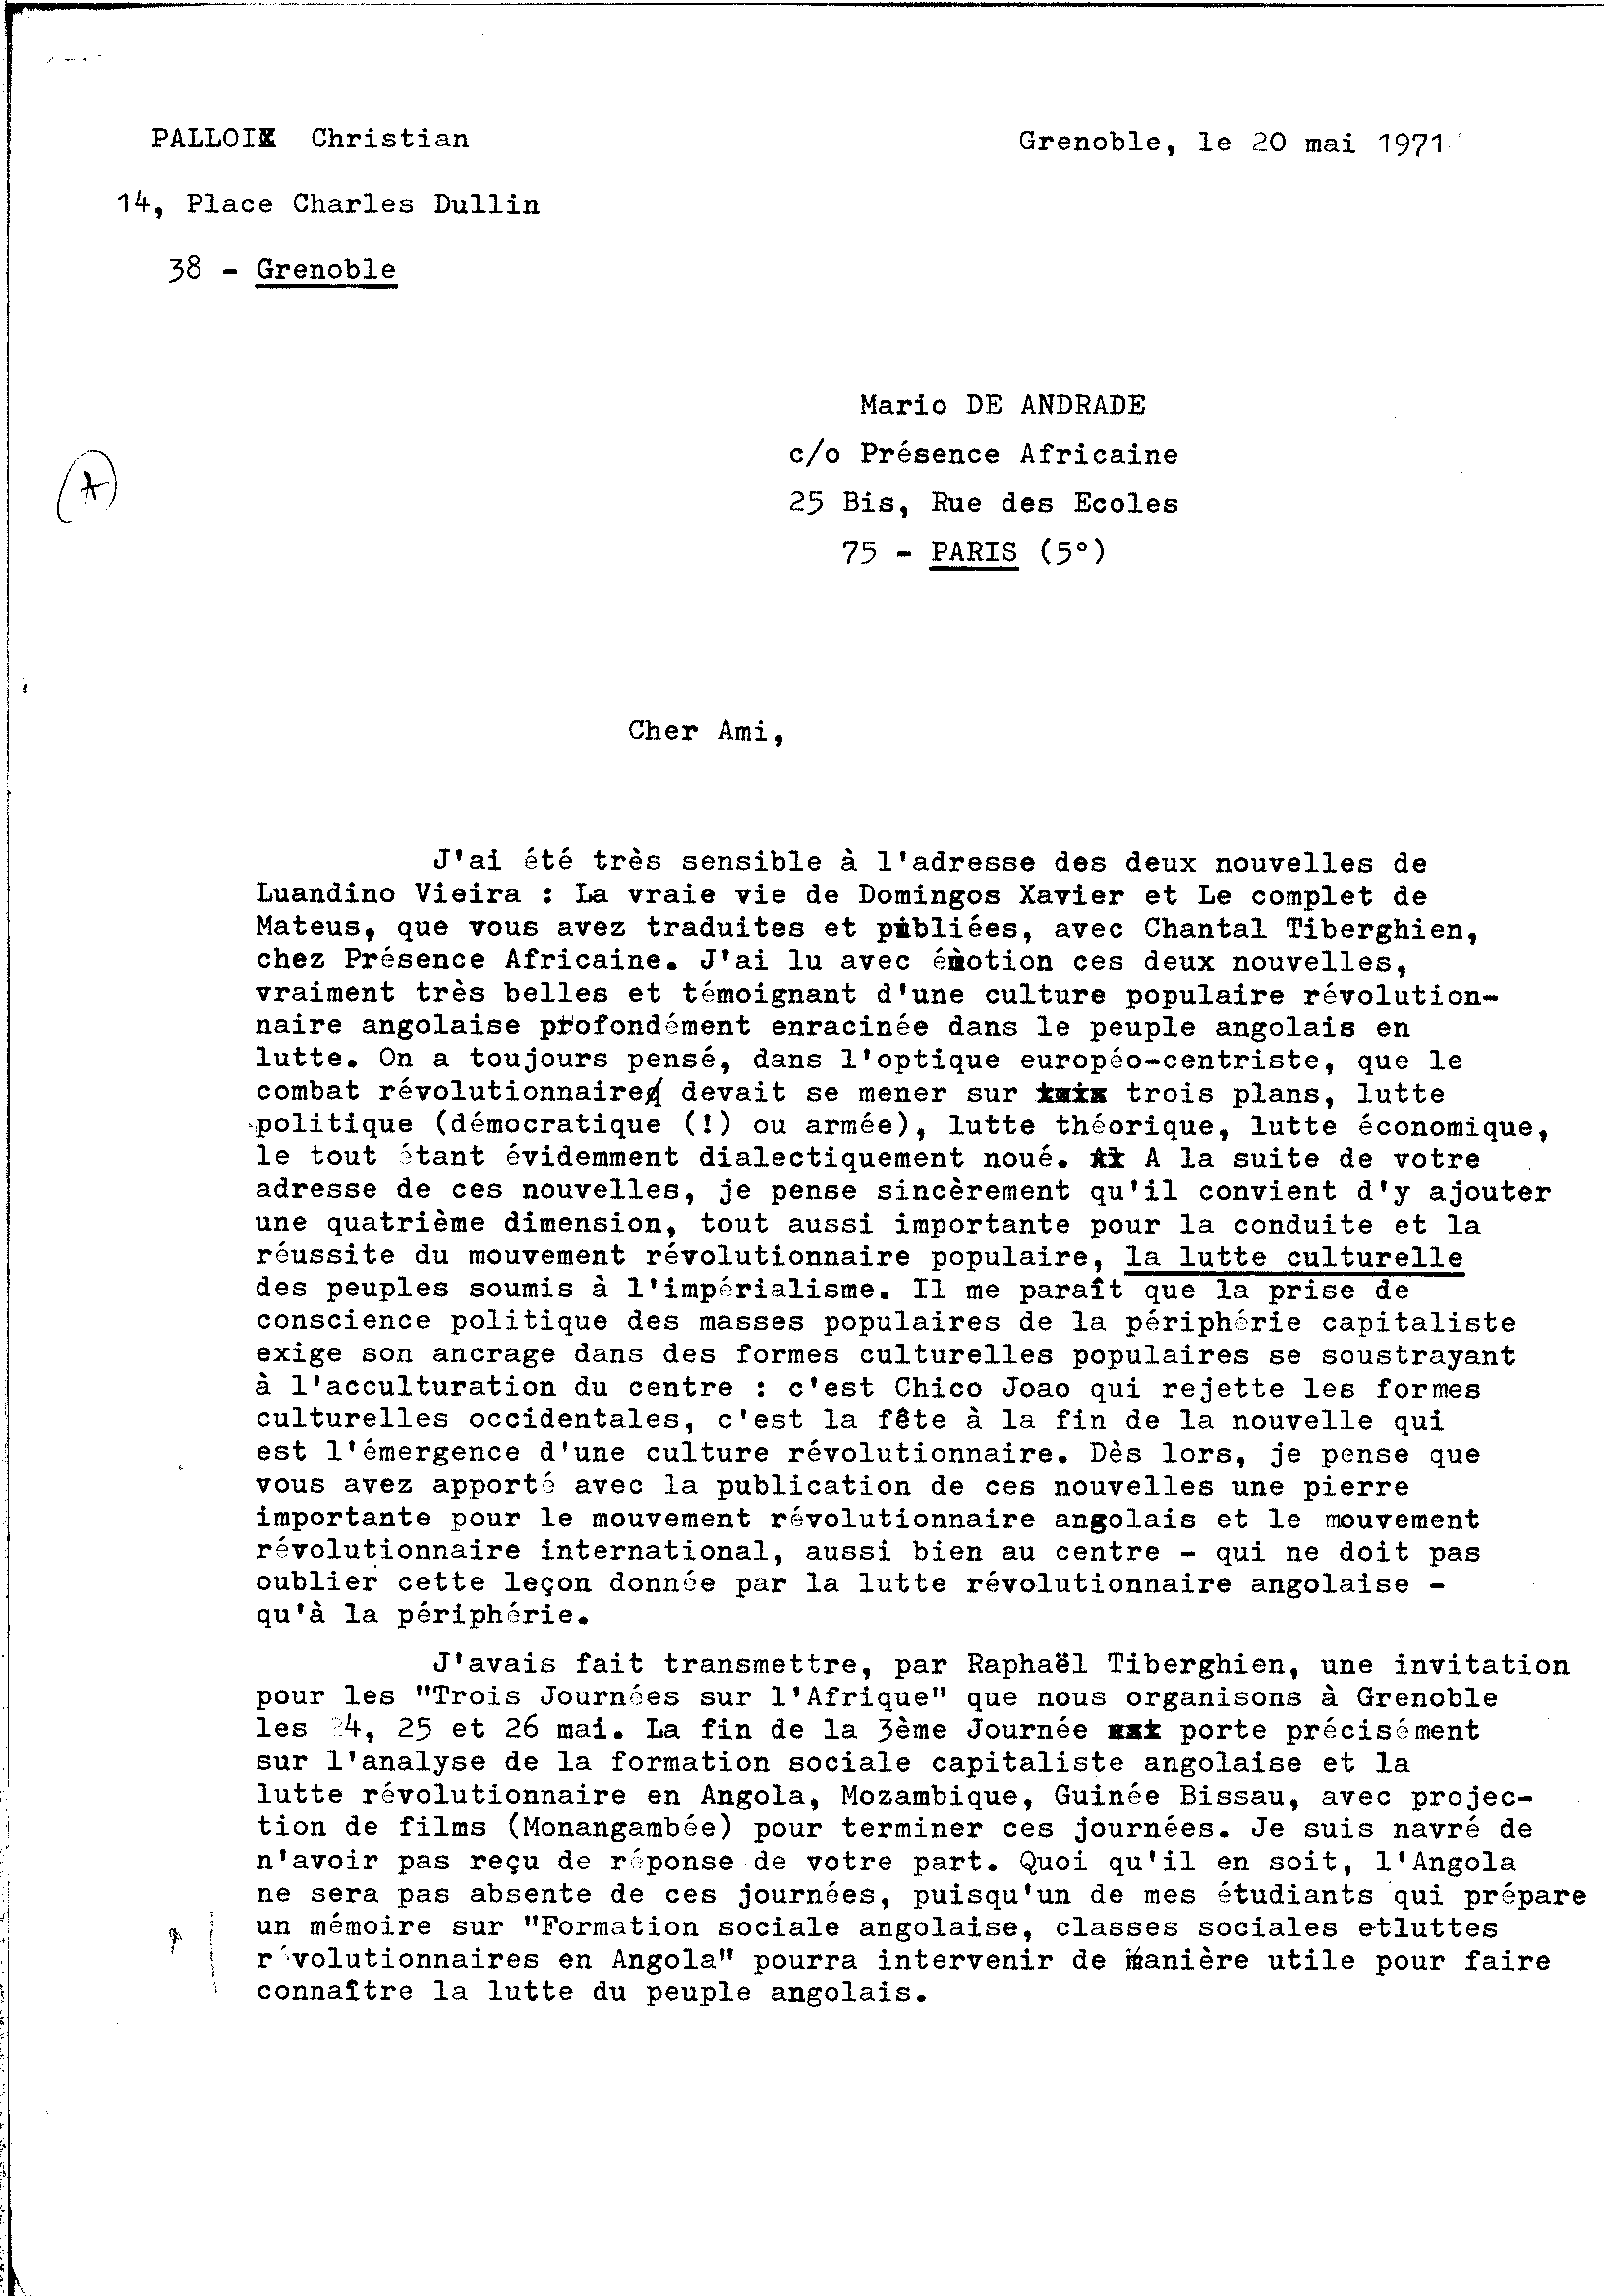 04319.007.040- pag.1